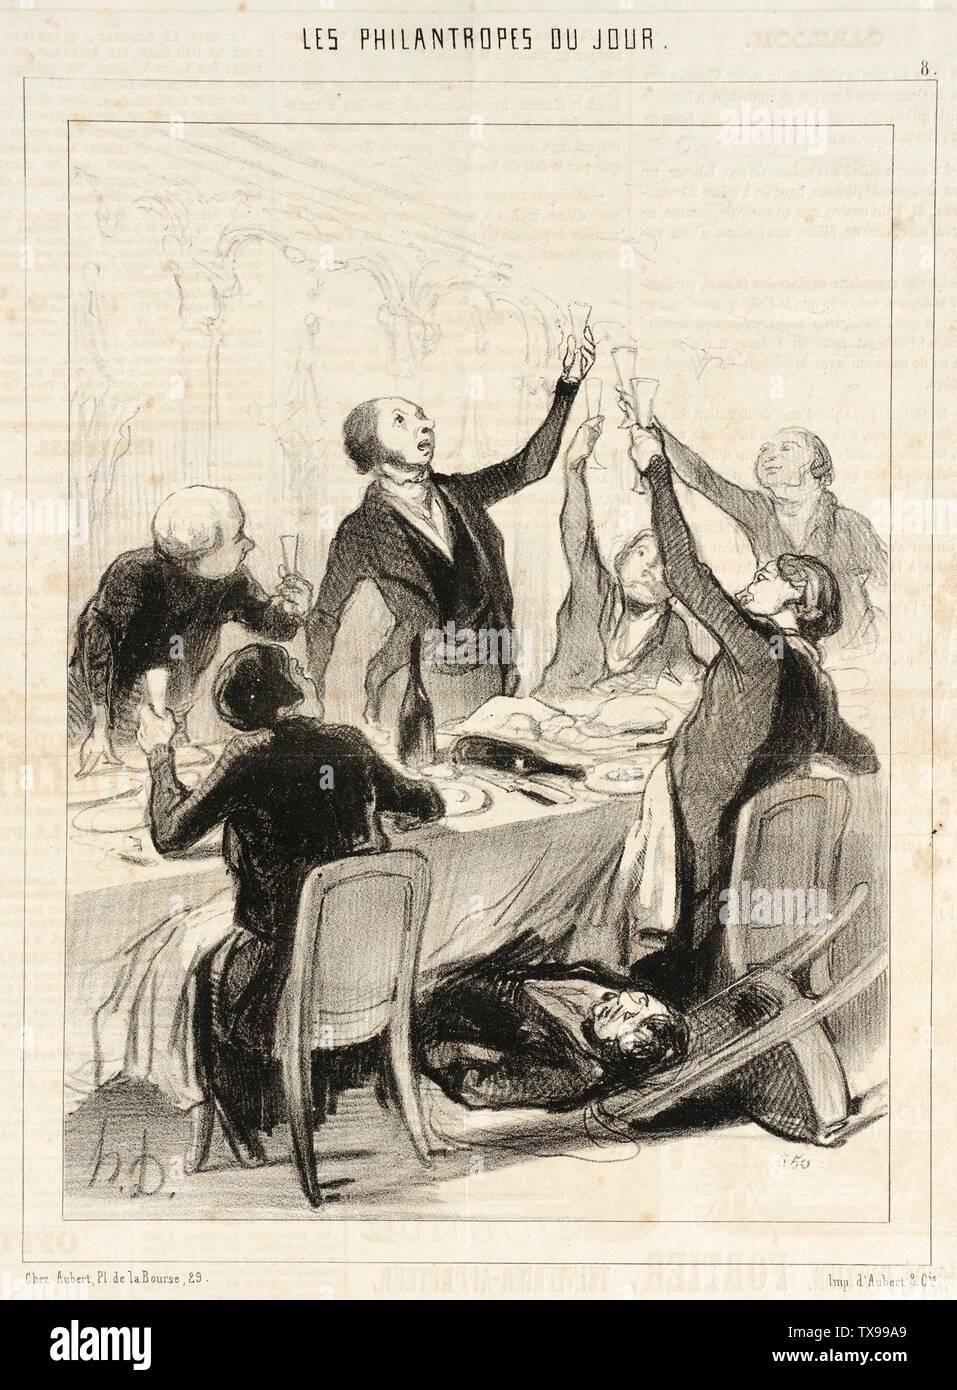 'Messieurs...il nous reste un 43me toast à porter à la Société de Temperance...; English:  France, 1844 Series: Les Philanthropes du jour Periodical: Le Charivari, 12 October 1844 Prints; lithographs Lithograph Gift of Mr. George Longstreet (M.60.19.4) Prints and Drawings; 1844date QS:P571,+1844-00-00T00:00:00Z/9; ' - Stock Image